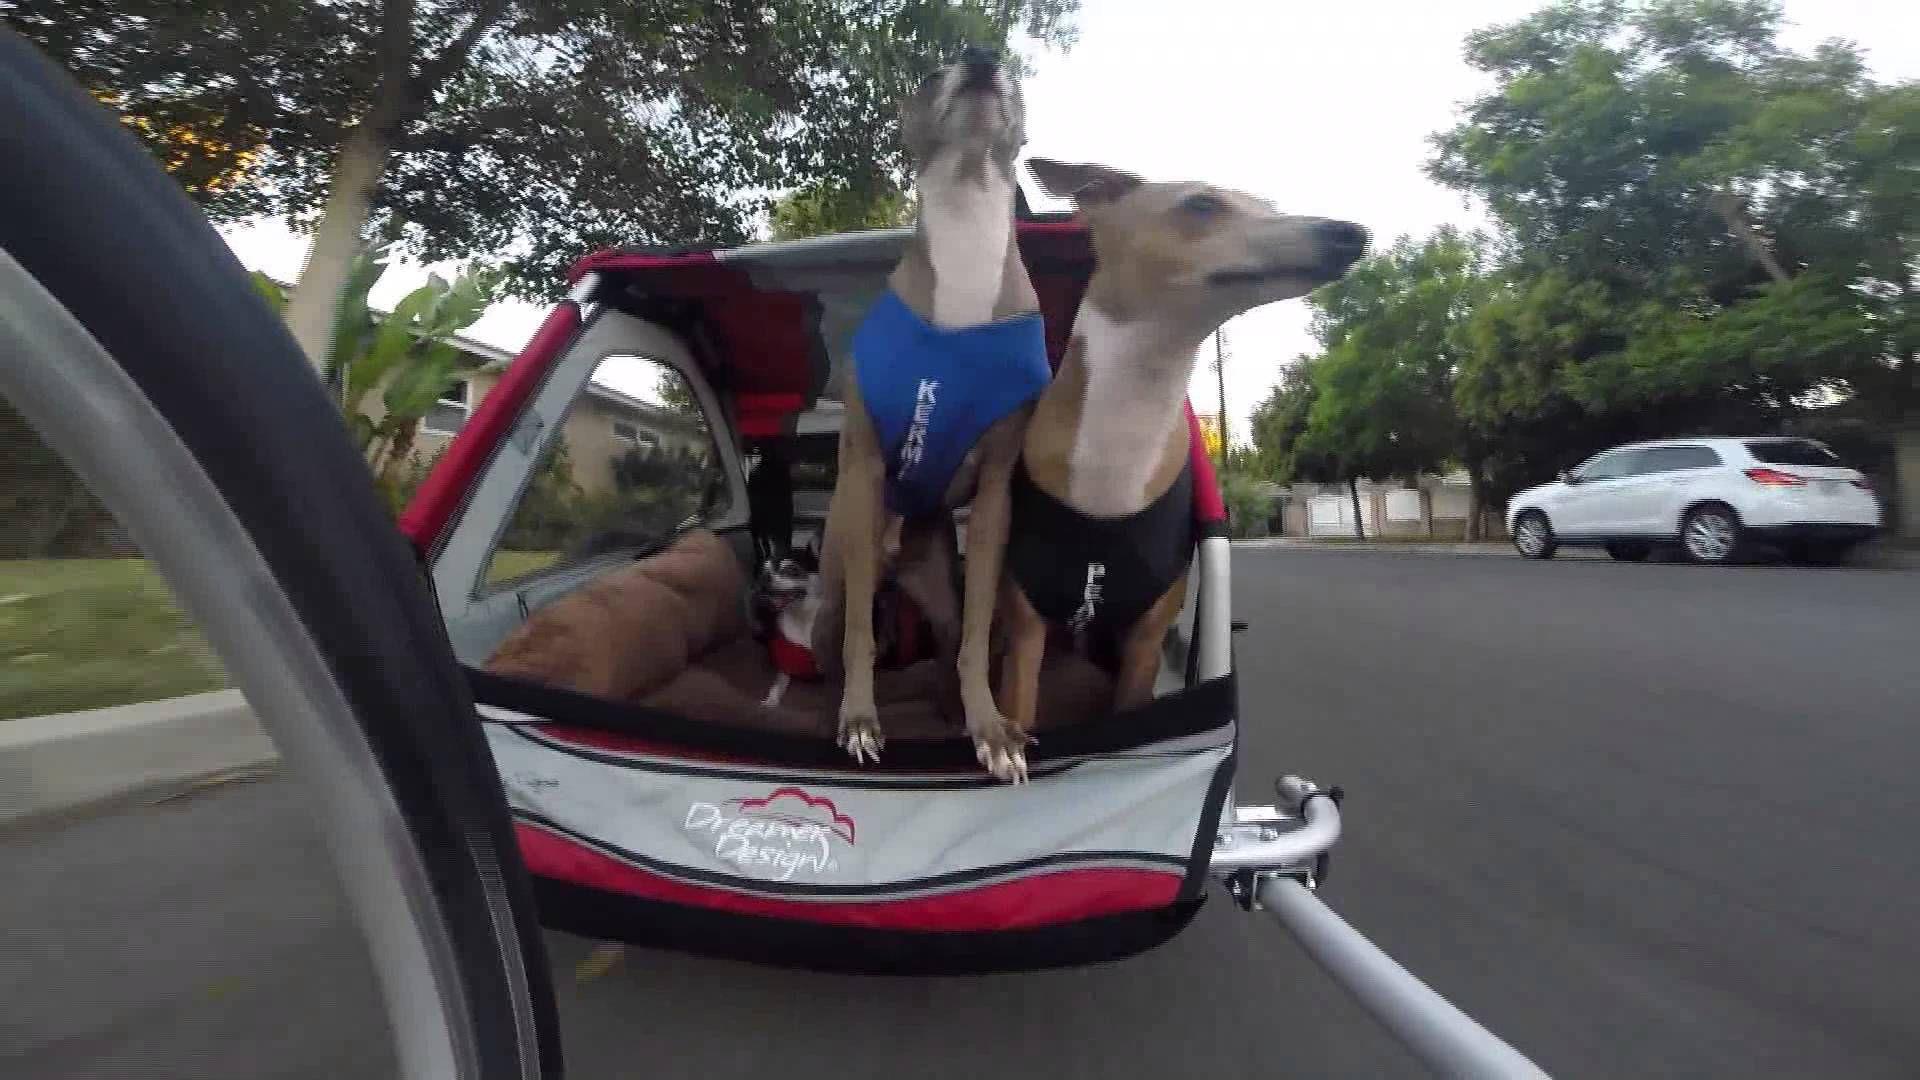 My dogs bike trailer dog bike trailer biking with dog